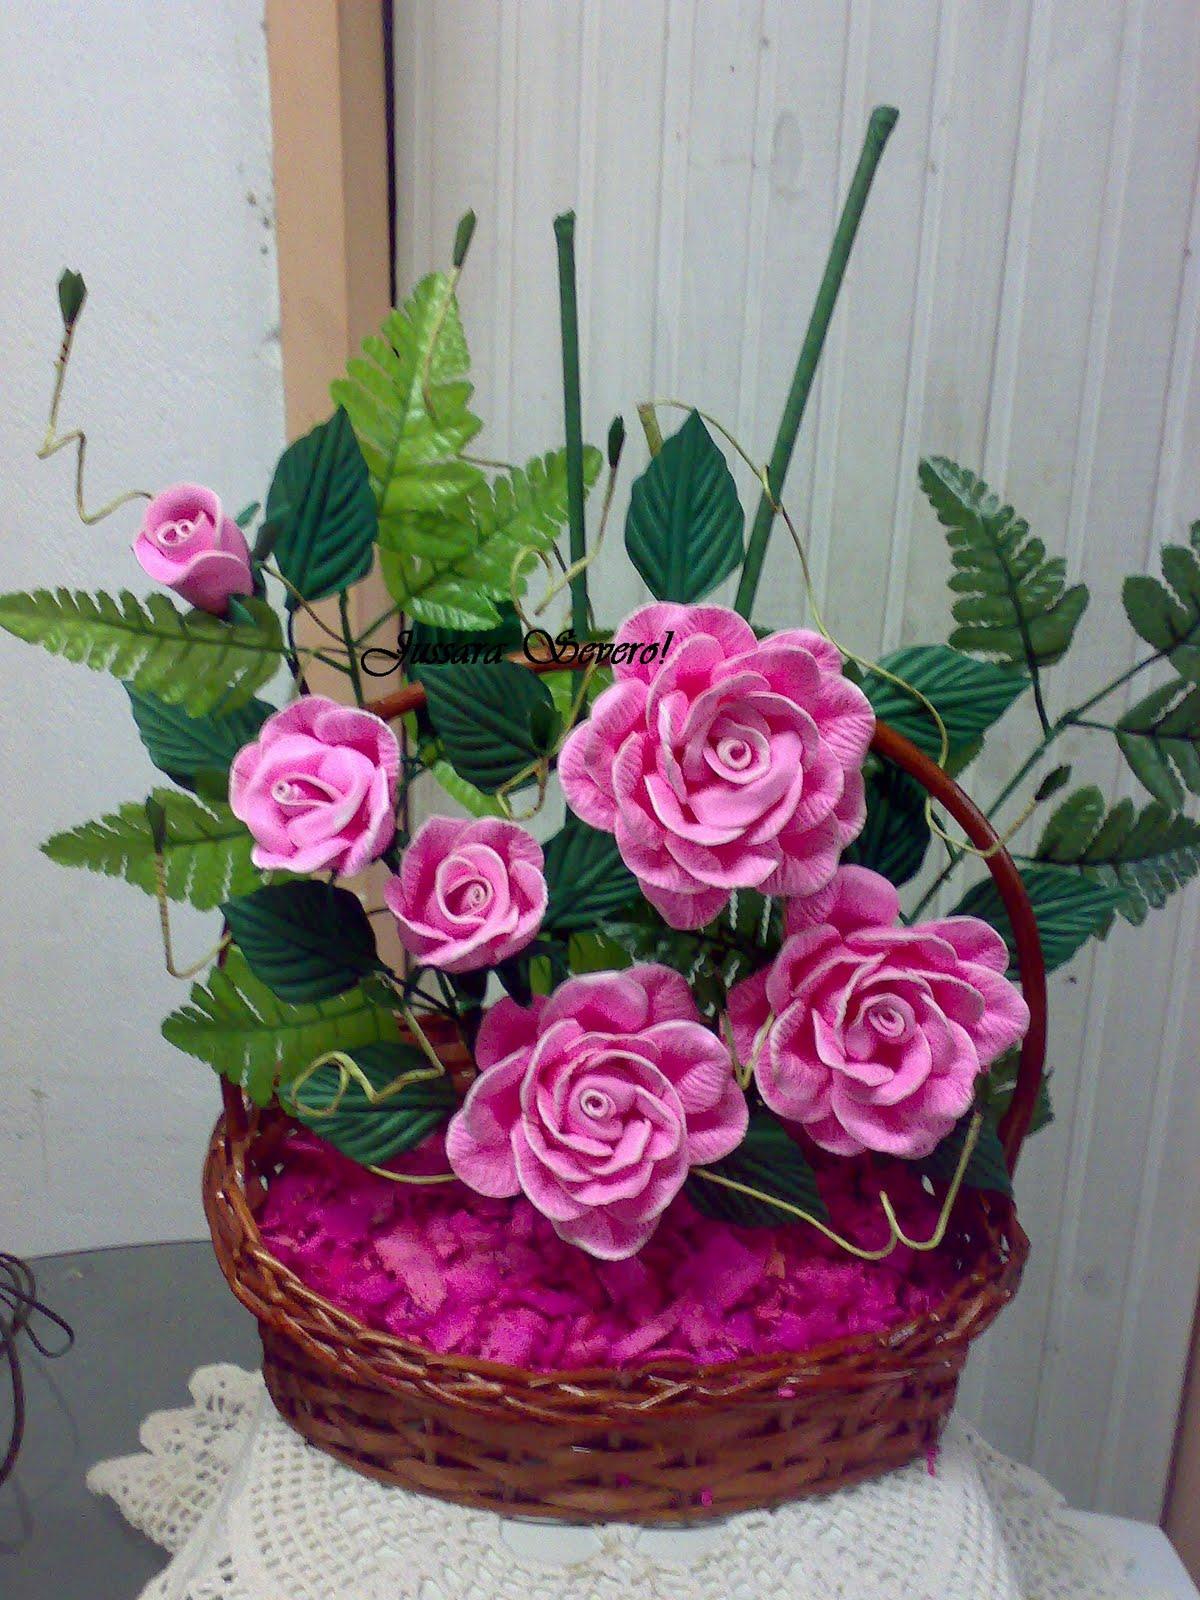 Mais Um Arranjo De Rosas Feito Pela Jussara   Visitem O Blog Dela  Ela